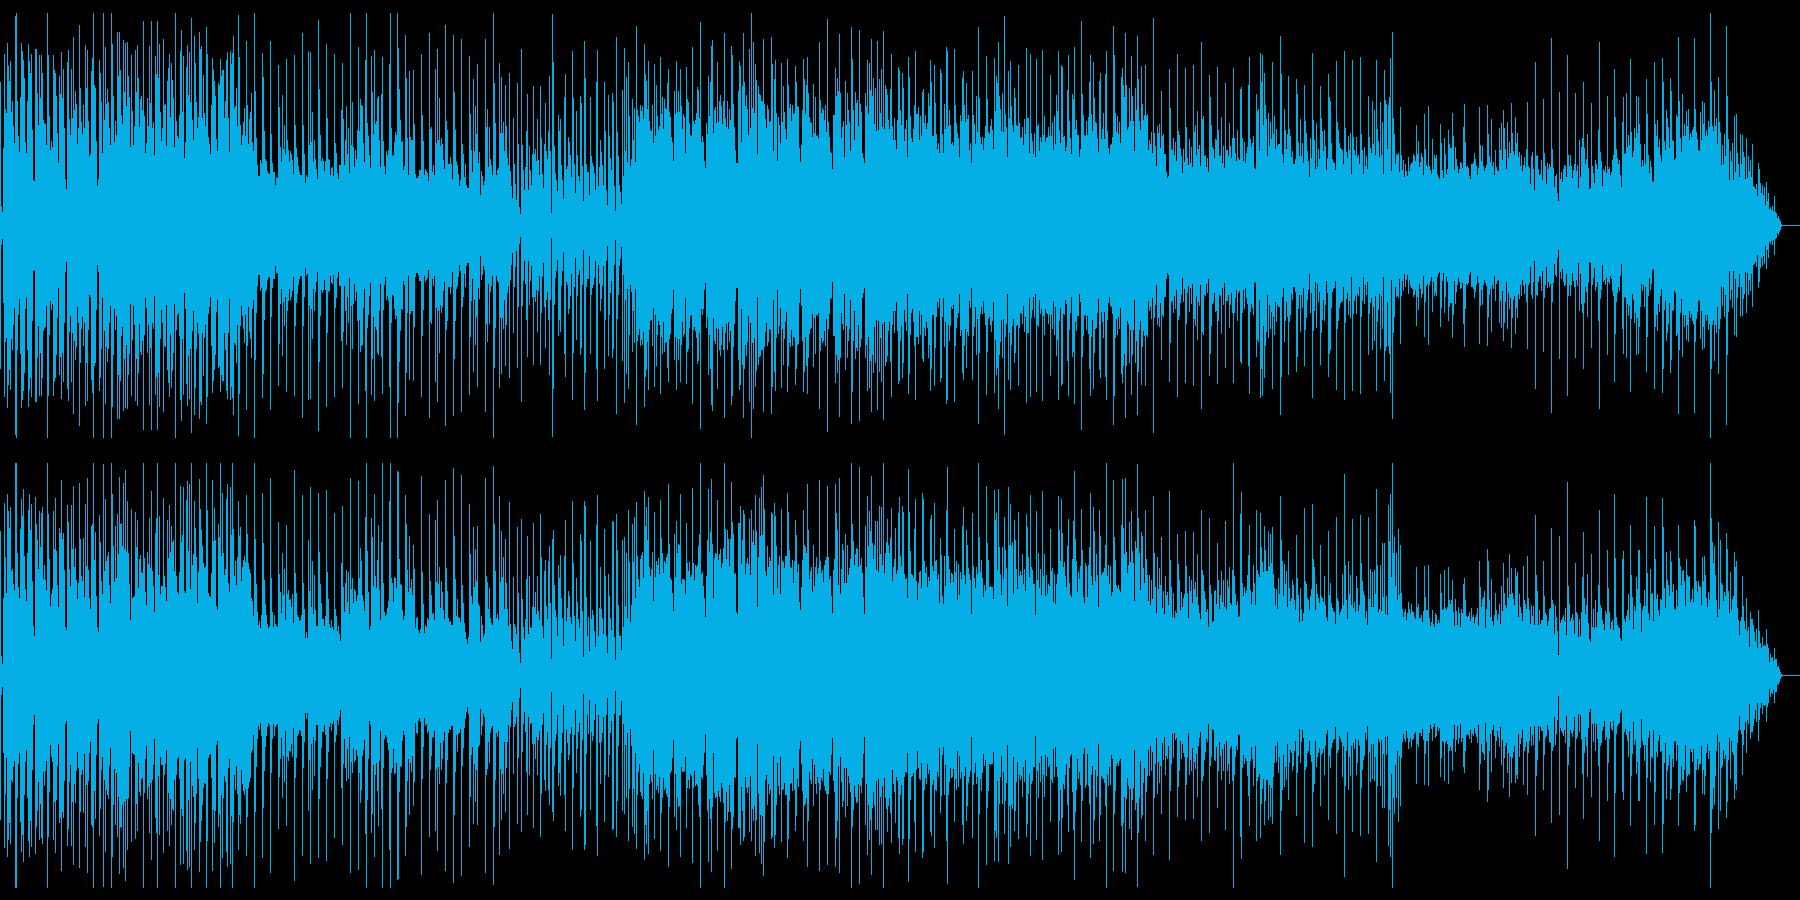 スローテンポなレトロウェーブの再生済みの波形